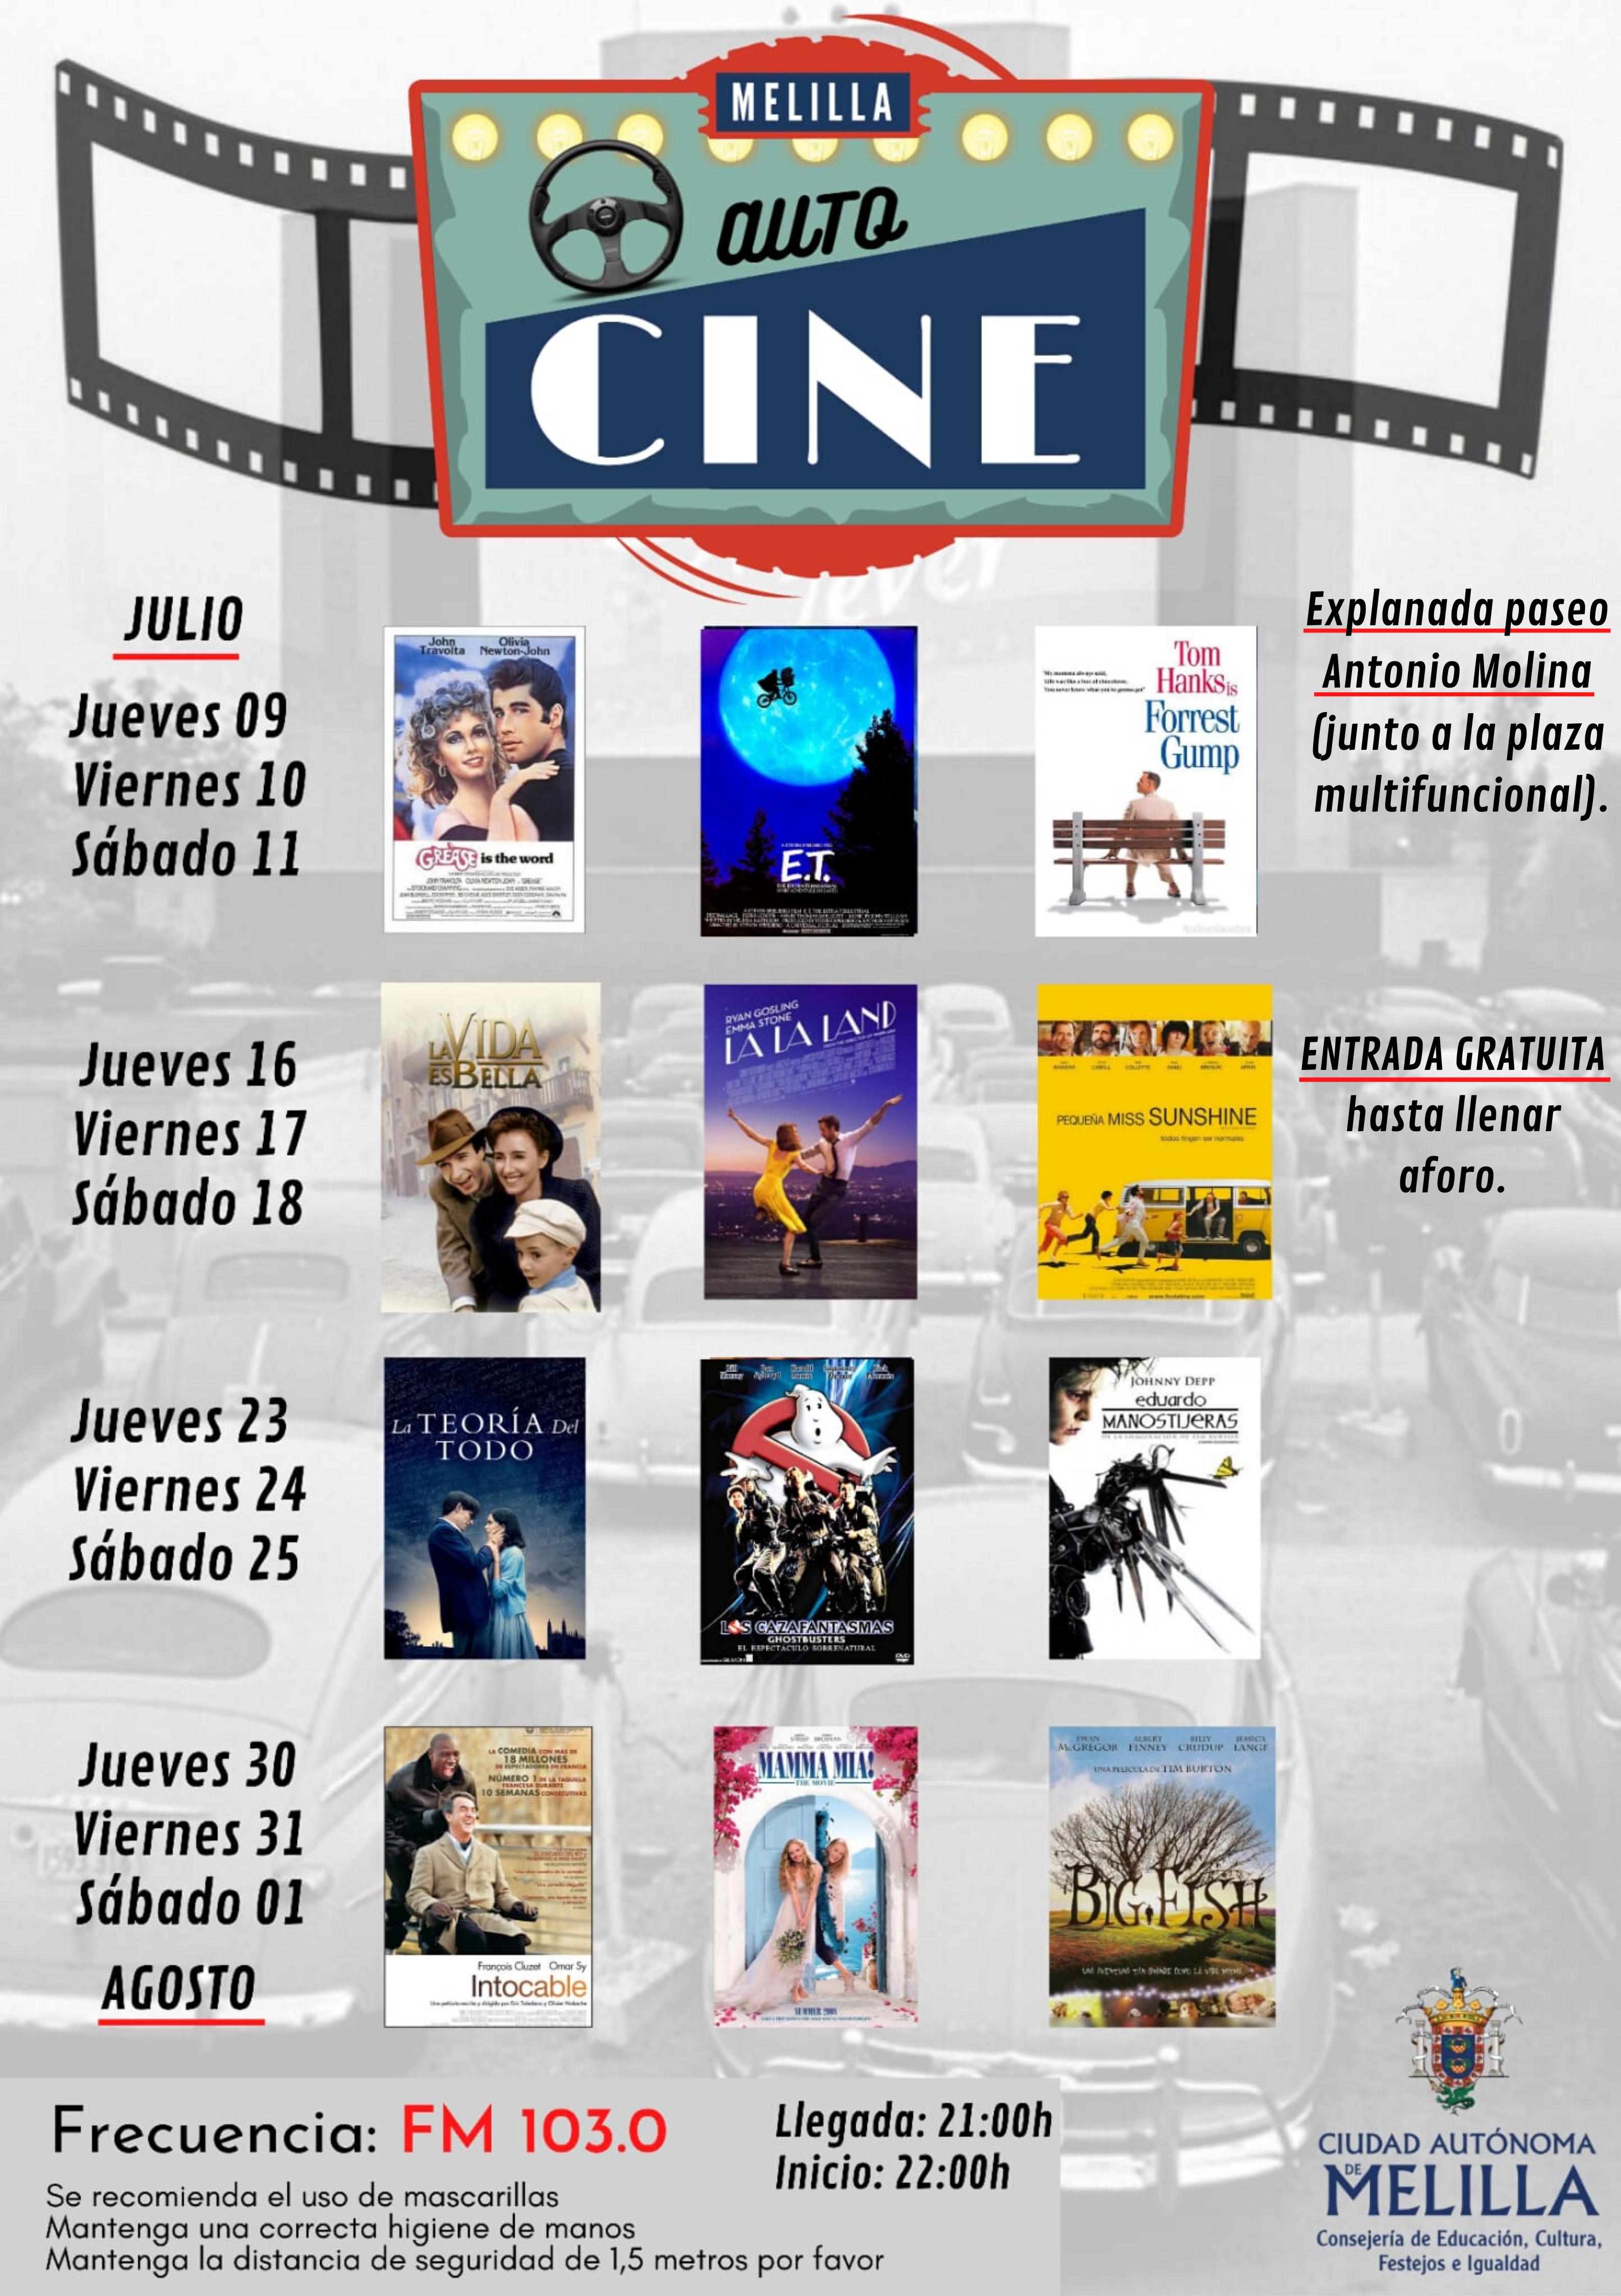 La Consejería de Cultura presenta el Autocine gratuito que proyectará 12 películas durante los próximos 4 fines de semana